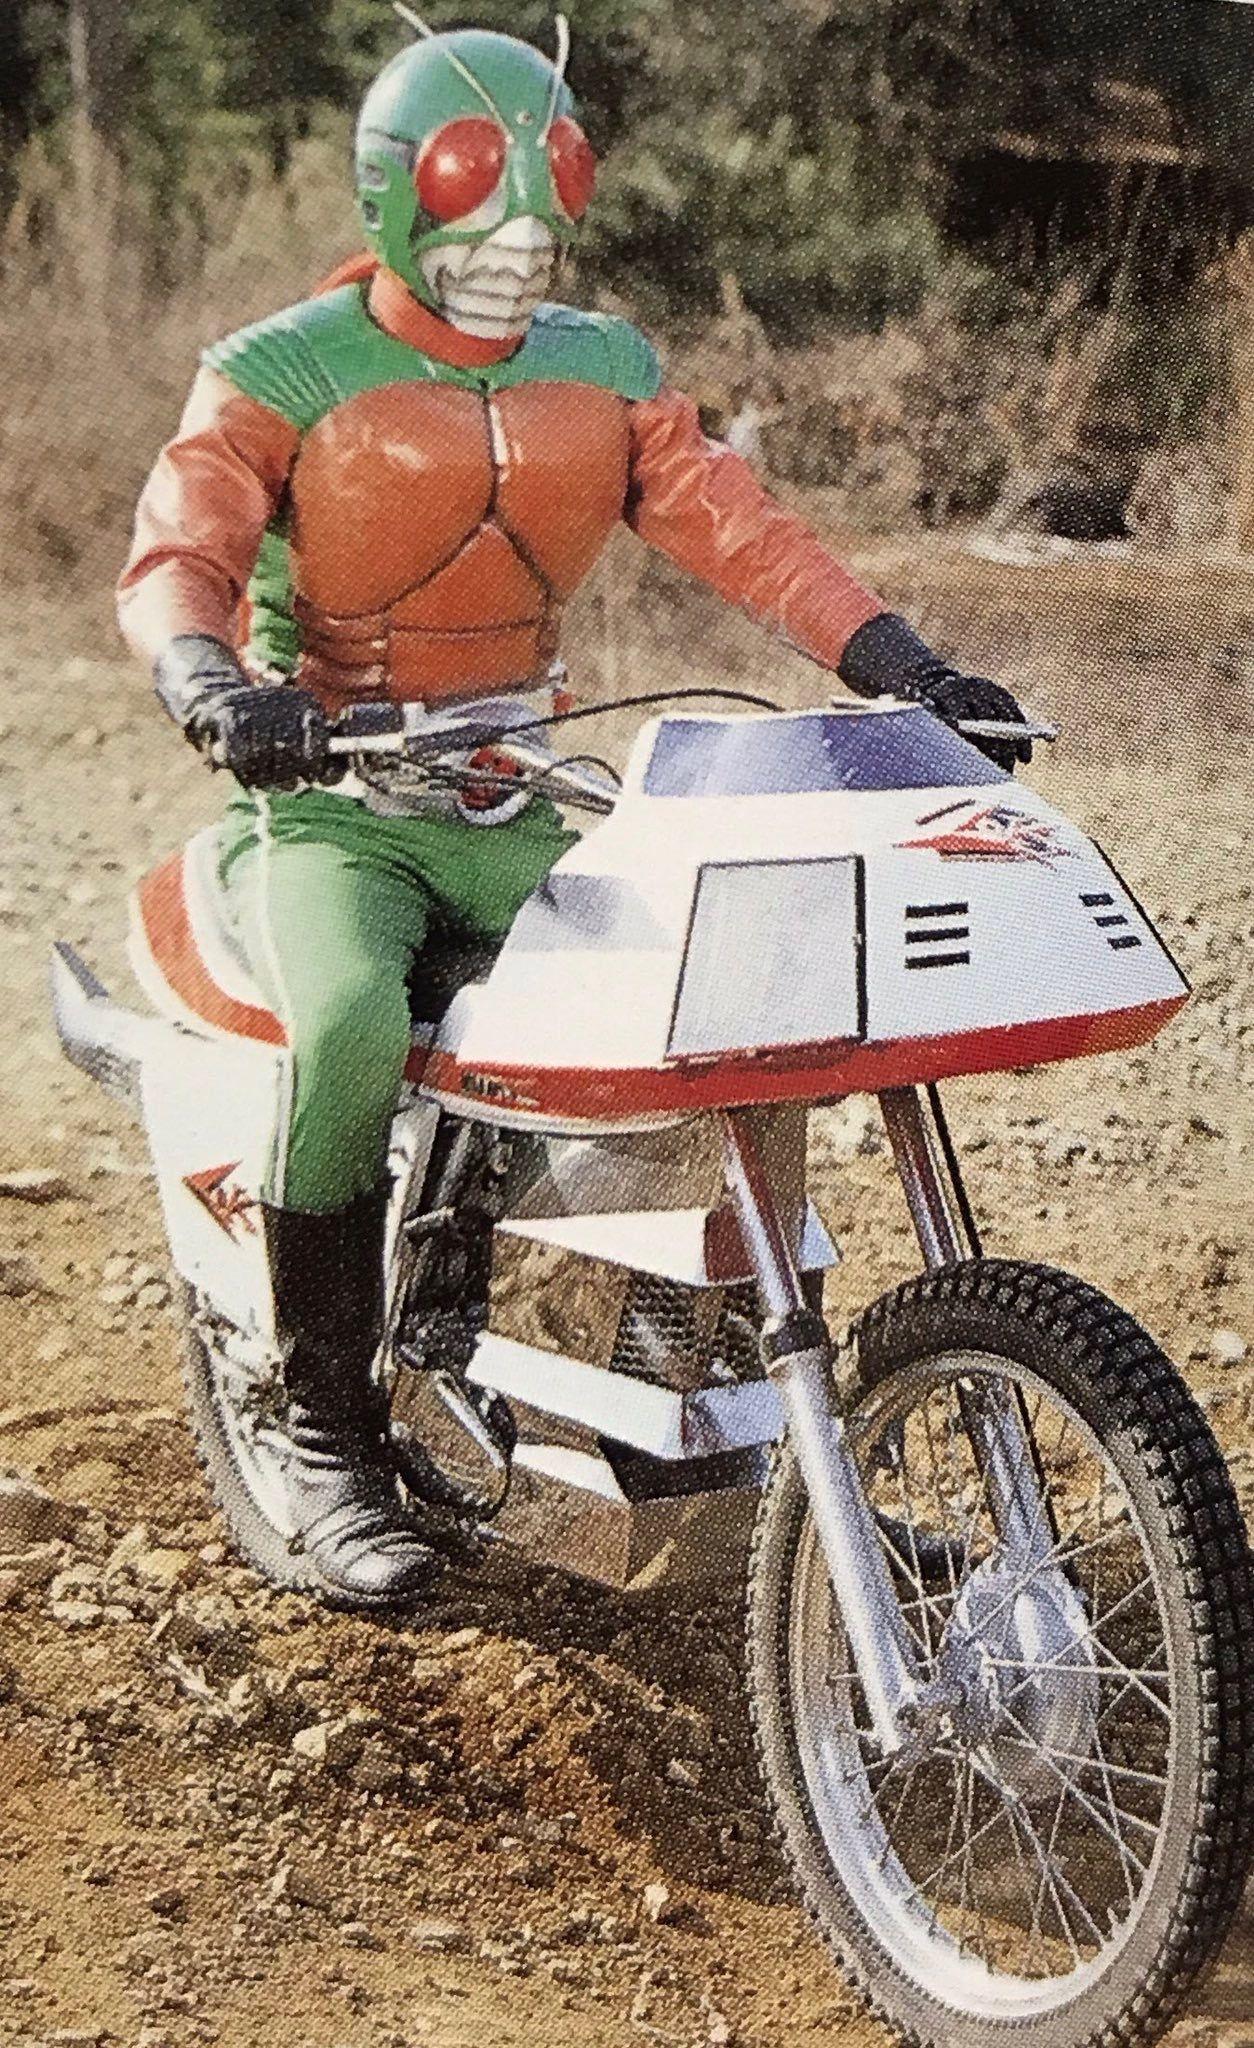 pin by pinta on 特撮 kamen rider hero machine kamen rider series